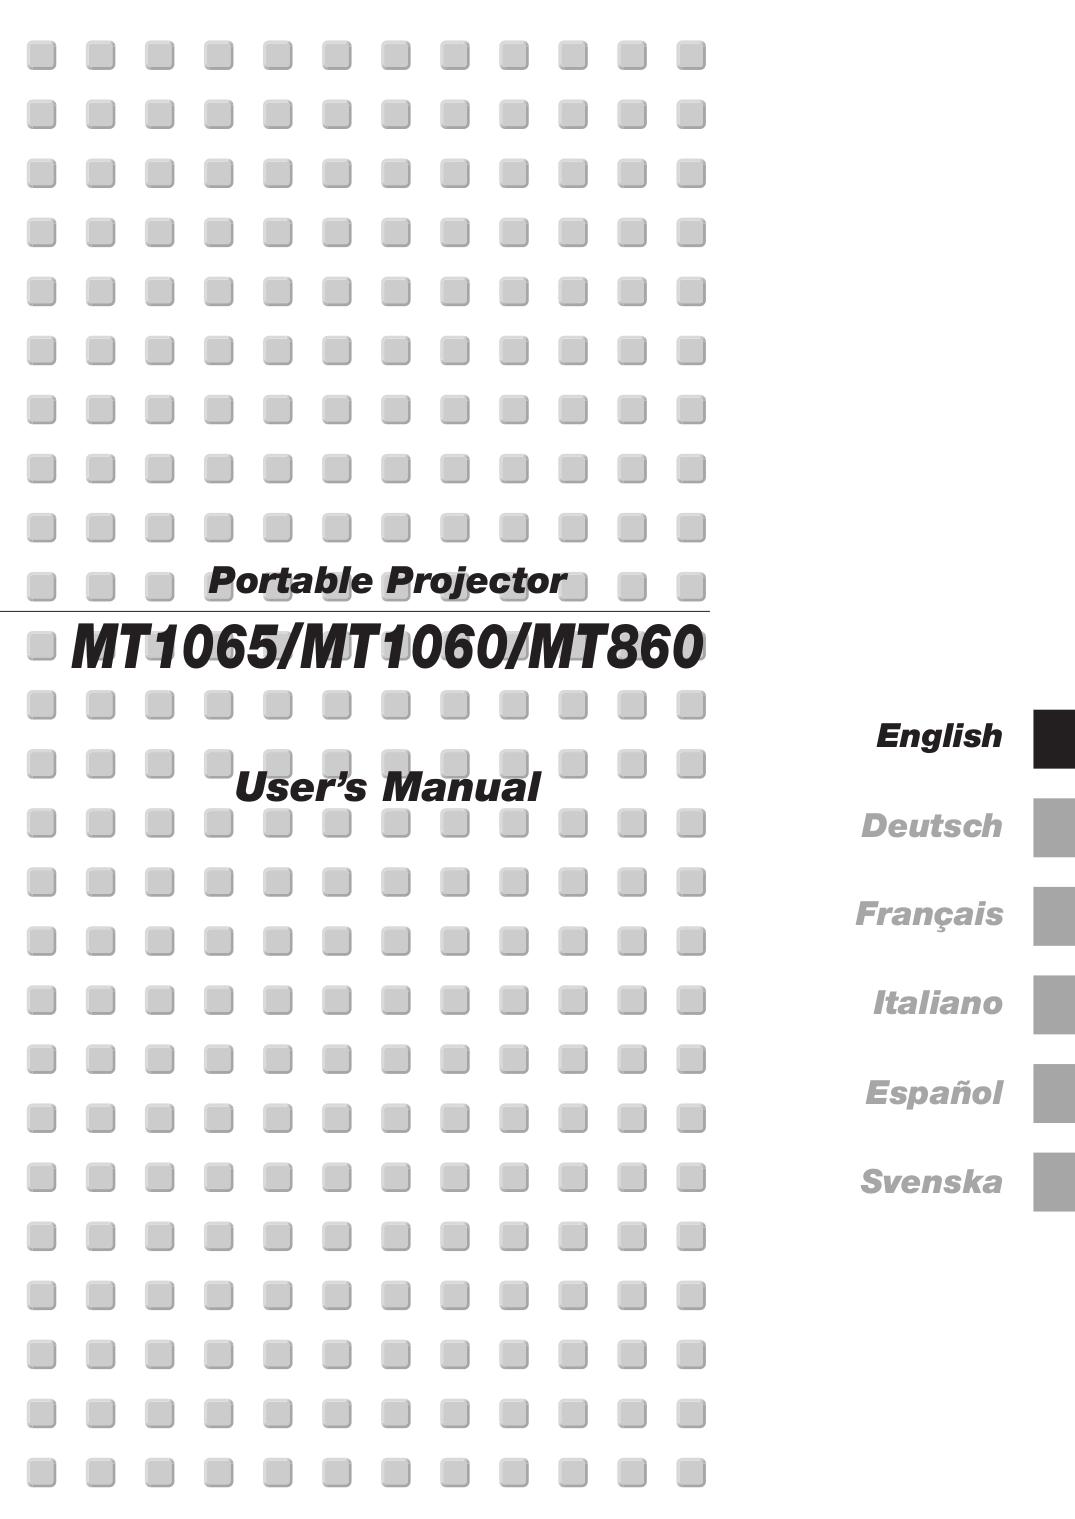 download free pdf for nec mt860 projector manual rh umlib com Parts Manual Maintenance Manual